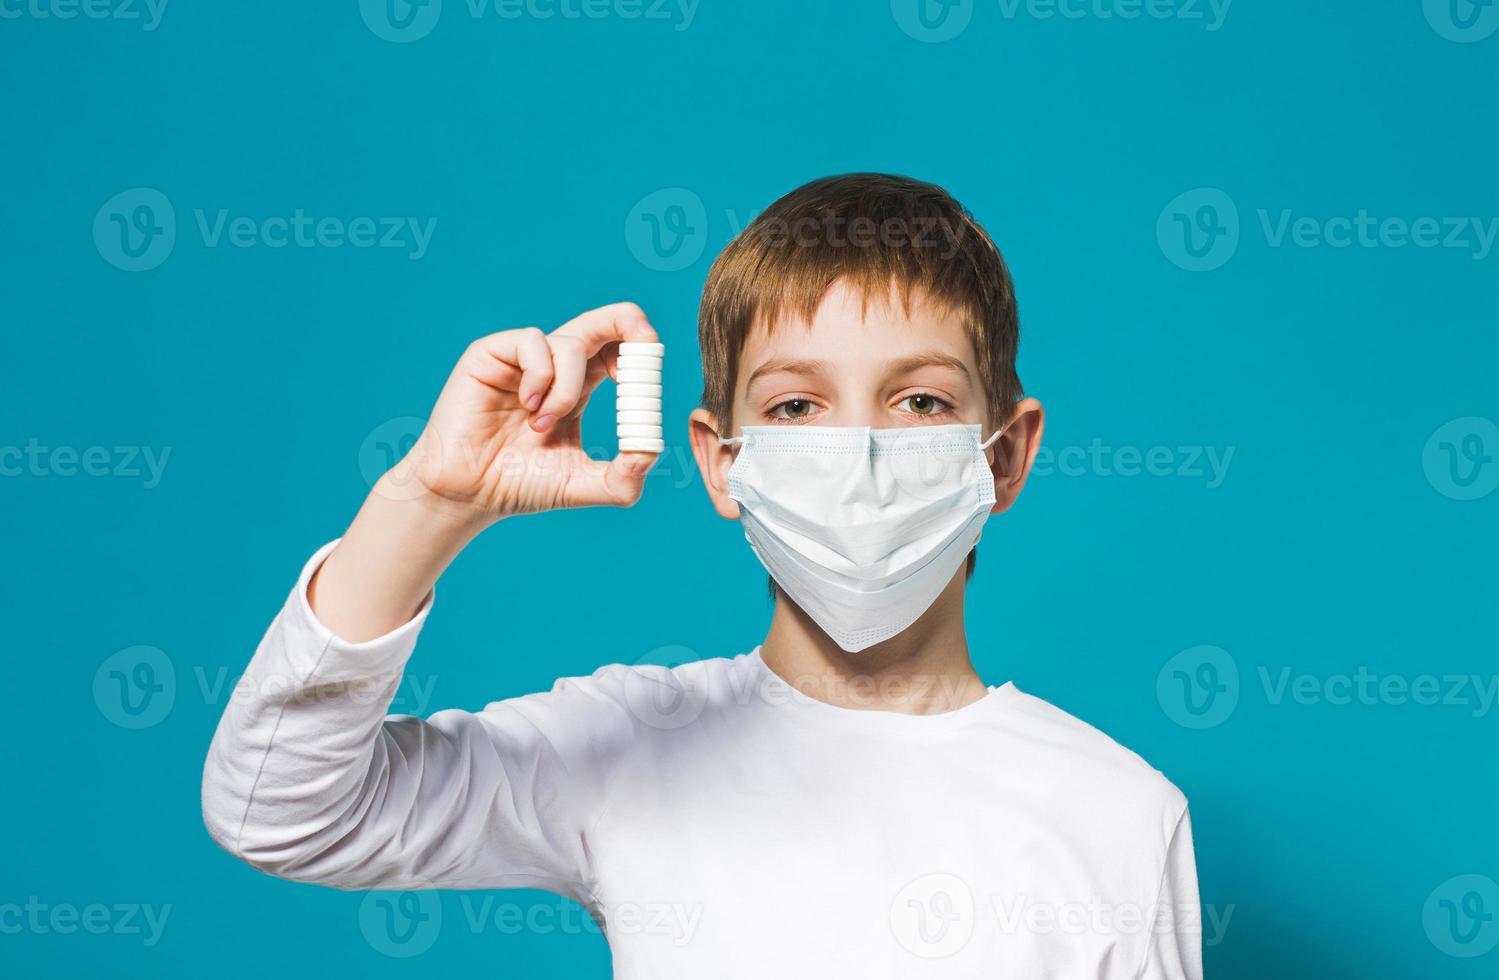 pojke skyddsmask håller piller foto